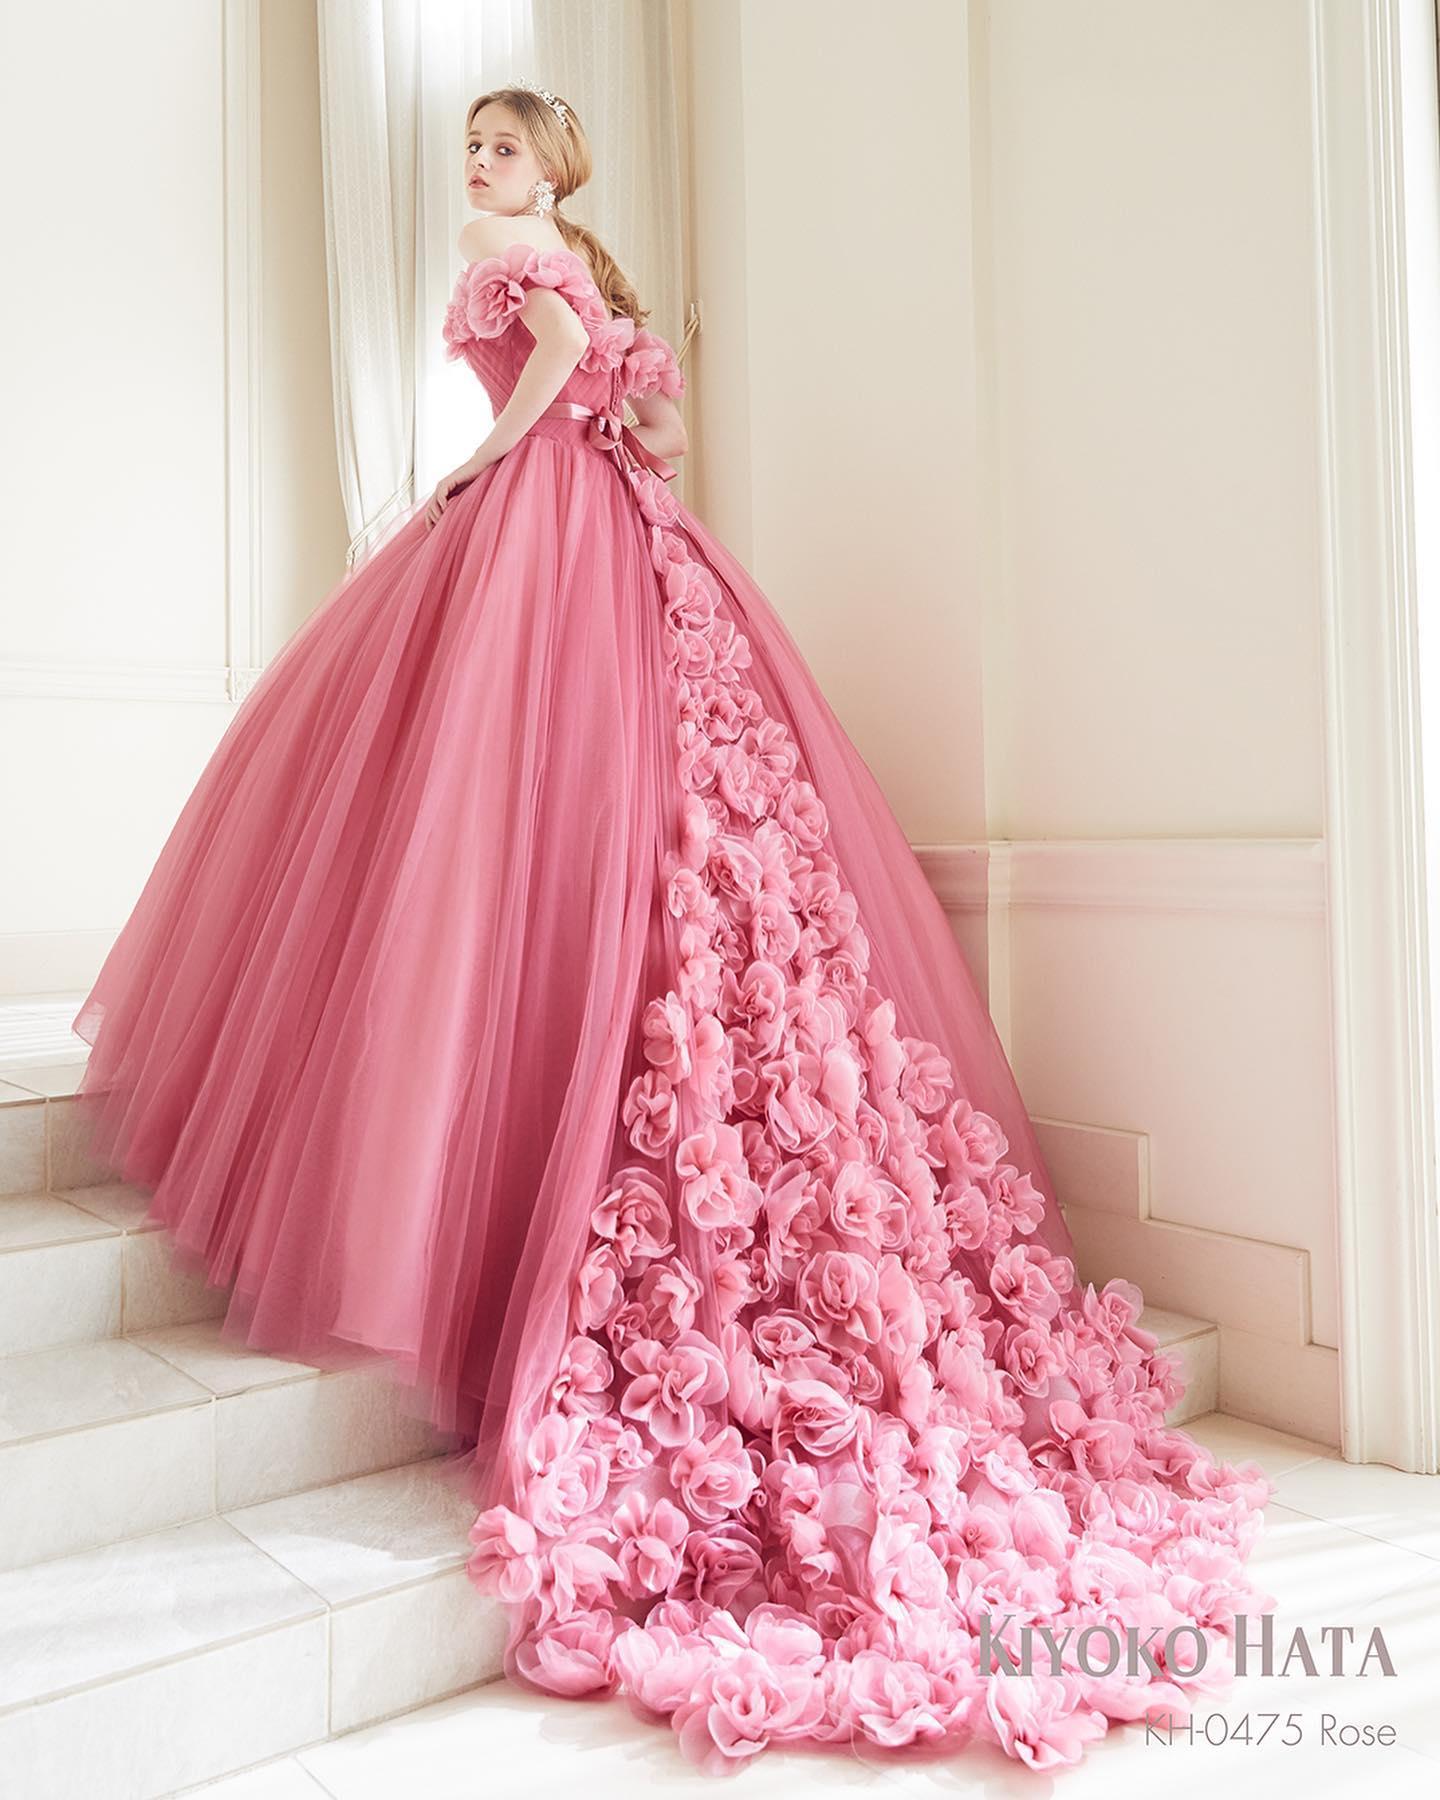 ・入荷予定ドレスのお知らせ・大人気の#キヨコハタ の入荷予定ドレスです❣️・ケープと後のトレーン一面に布花を敷詰めた、まるでフラワーガーデンのようなドレスケープを取ると前からはシンプルなチュールドレスにバックスタイルは可憐で印象的に・試着予約に関してはお問い合わせ下さいドレス名:FIORENZA #フィオレンツァ 意味:満開の花・#wedding #weddingdress #bridalhiro #kiyokohata#ウェディングドレス #プレ花嫁 #ドレス試着 #2021夏婚 #2021冬婚 #ヘアメイク #結婚式  #ドレス選び #前撮り #後撮り #フォトウェディング #ウェディングヘア  #フォト婚 #前撮り写真 #ブライダルフォト #ウェディングドレス探し #ウェディングドレス試着 #レンタルドレス #ドレスショップ #ブライダルヒロ #ゼクシィ #プリンセスライン #ドレス迷子 #キヨコハタ #キヨコハタドレス